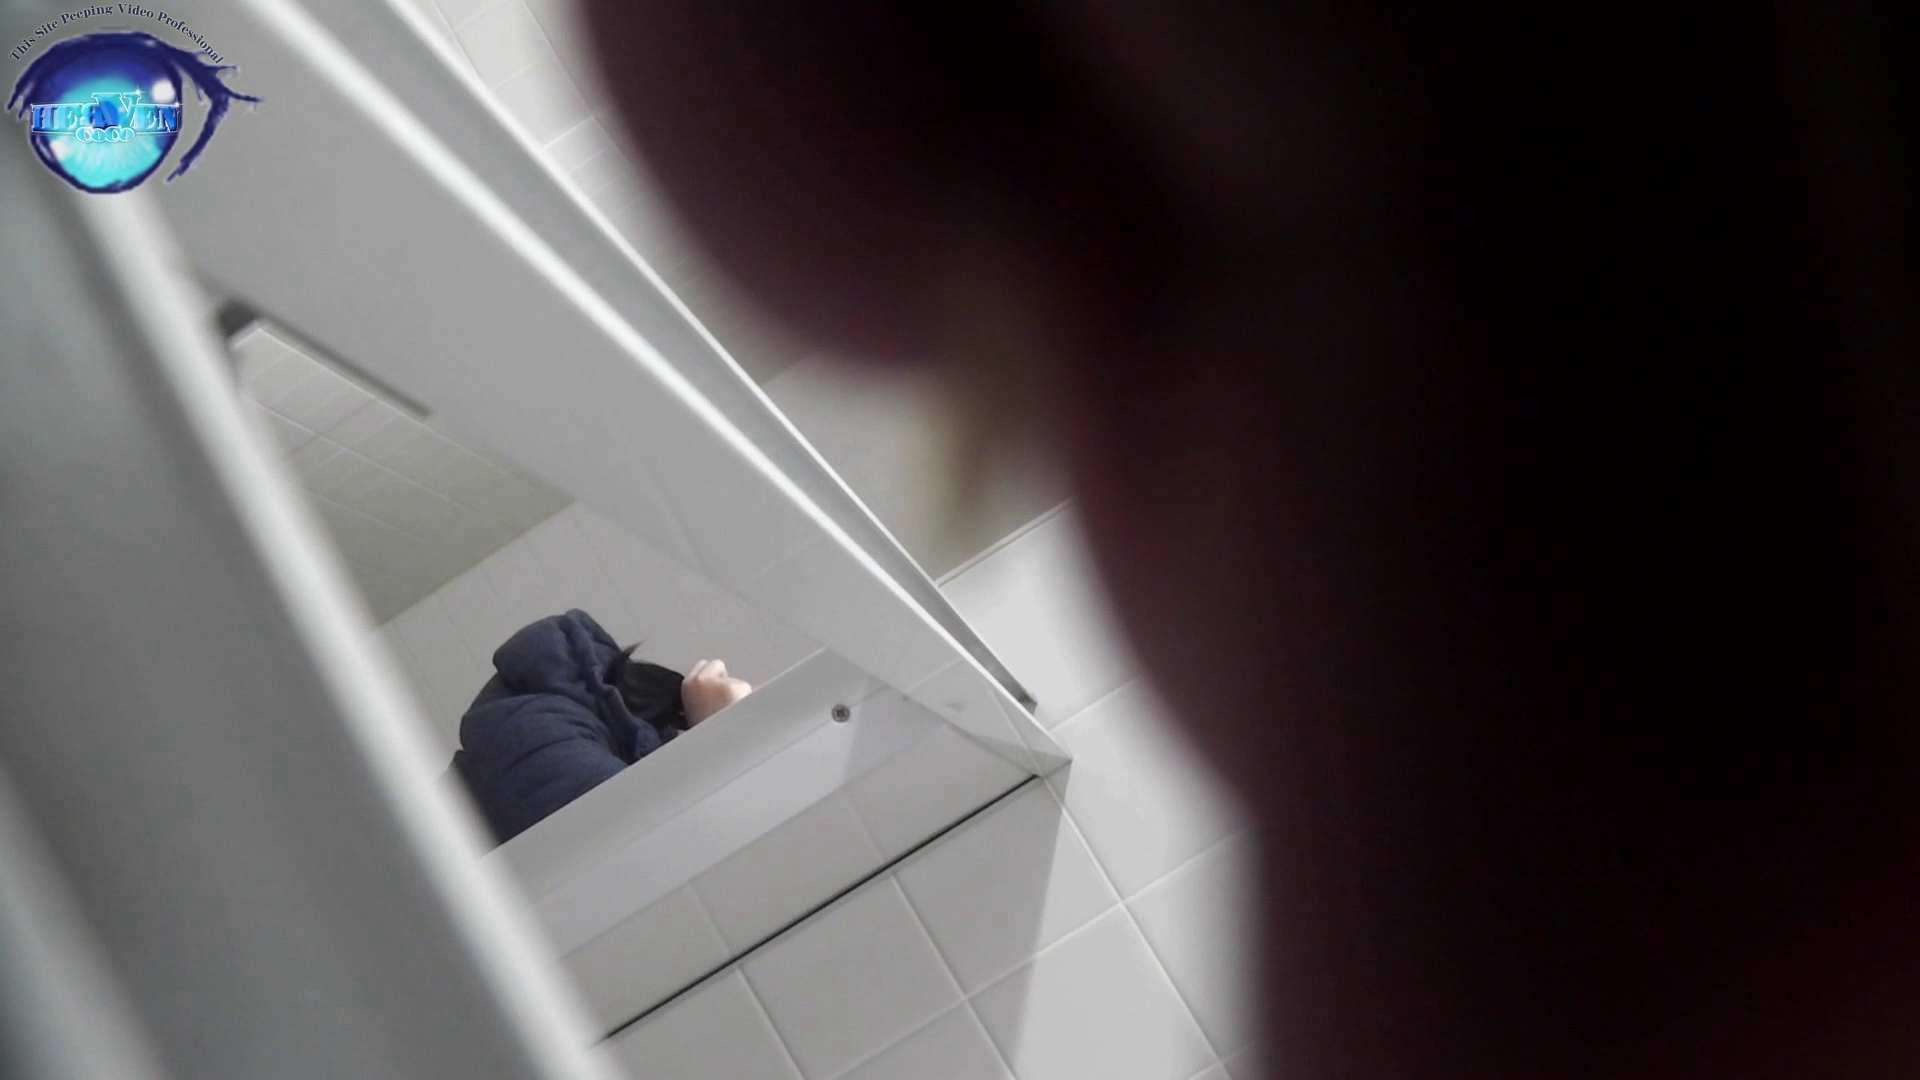 お銀さん vol.59 ピンチ!!「鏡の前で祈る女性」にばれる危機 前編 美人  108連発 46